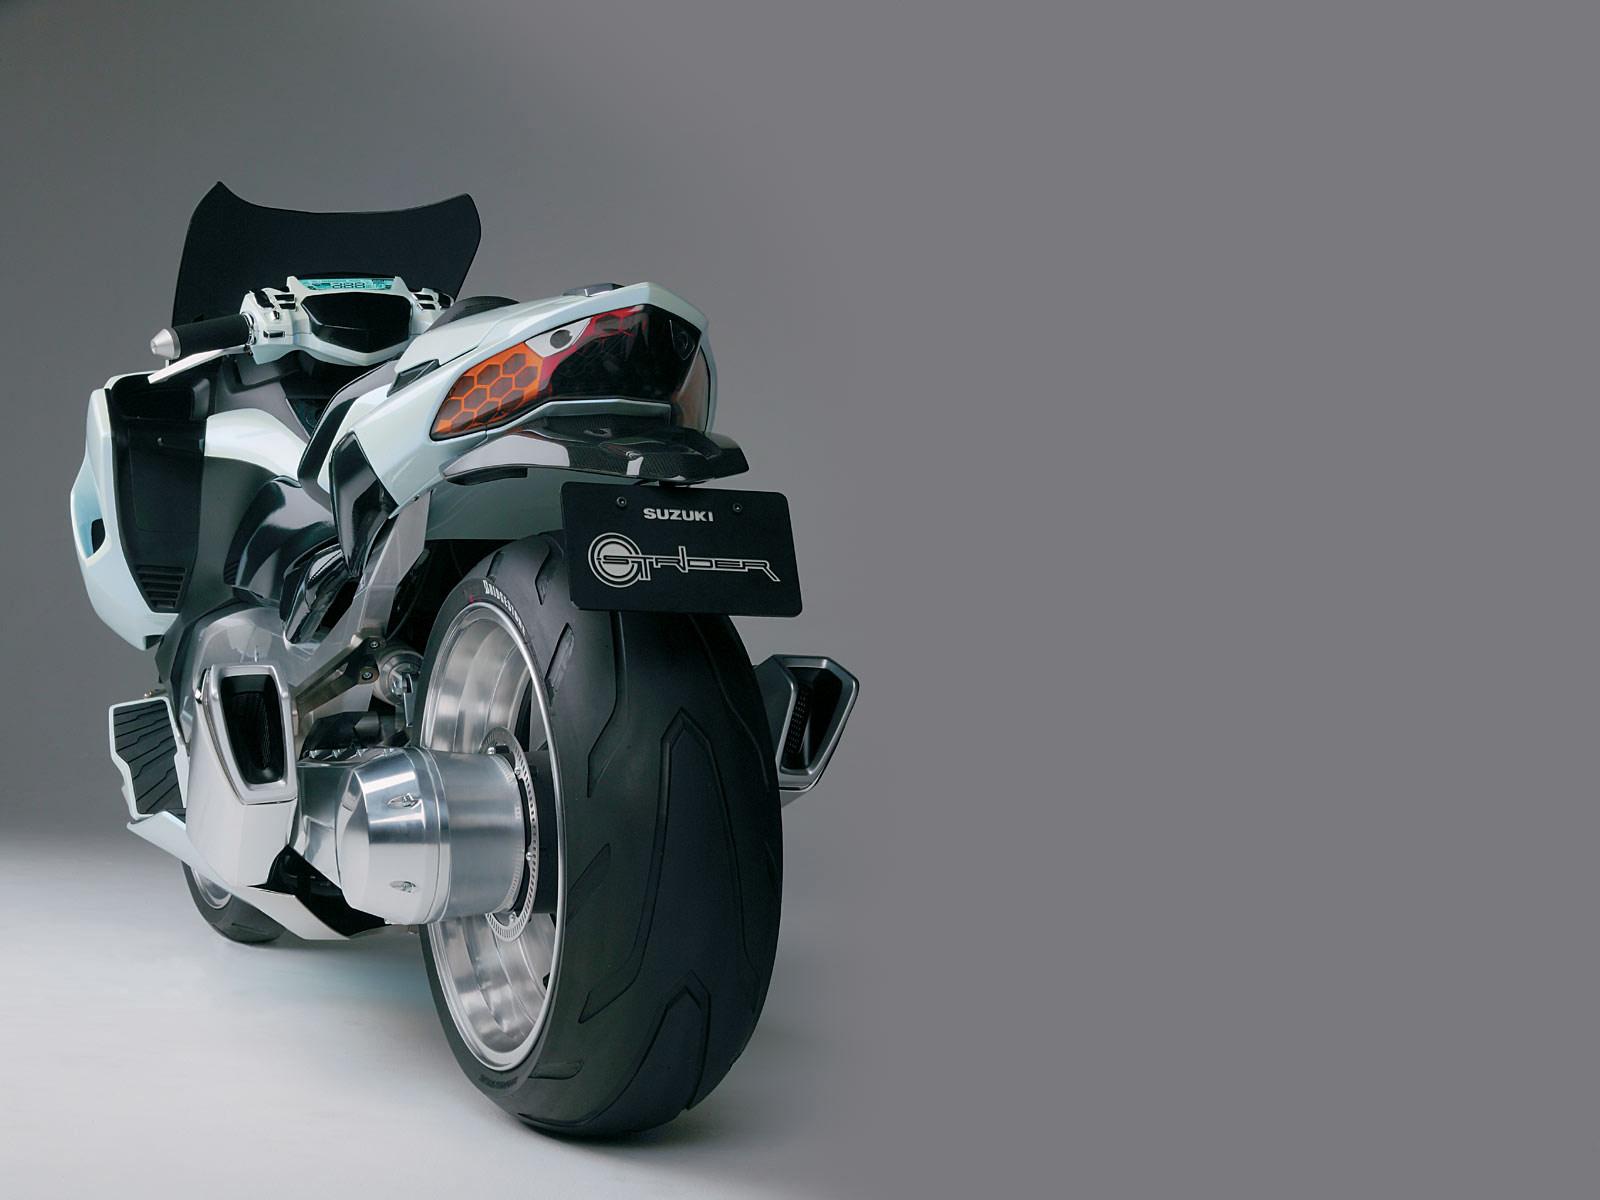 2004 SUZUKI G-Strider Concept motorcycle desktop wallpaper